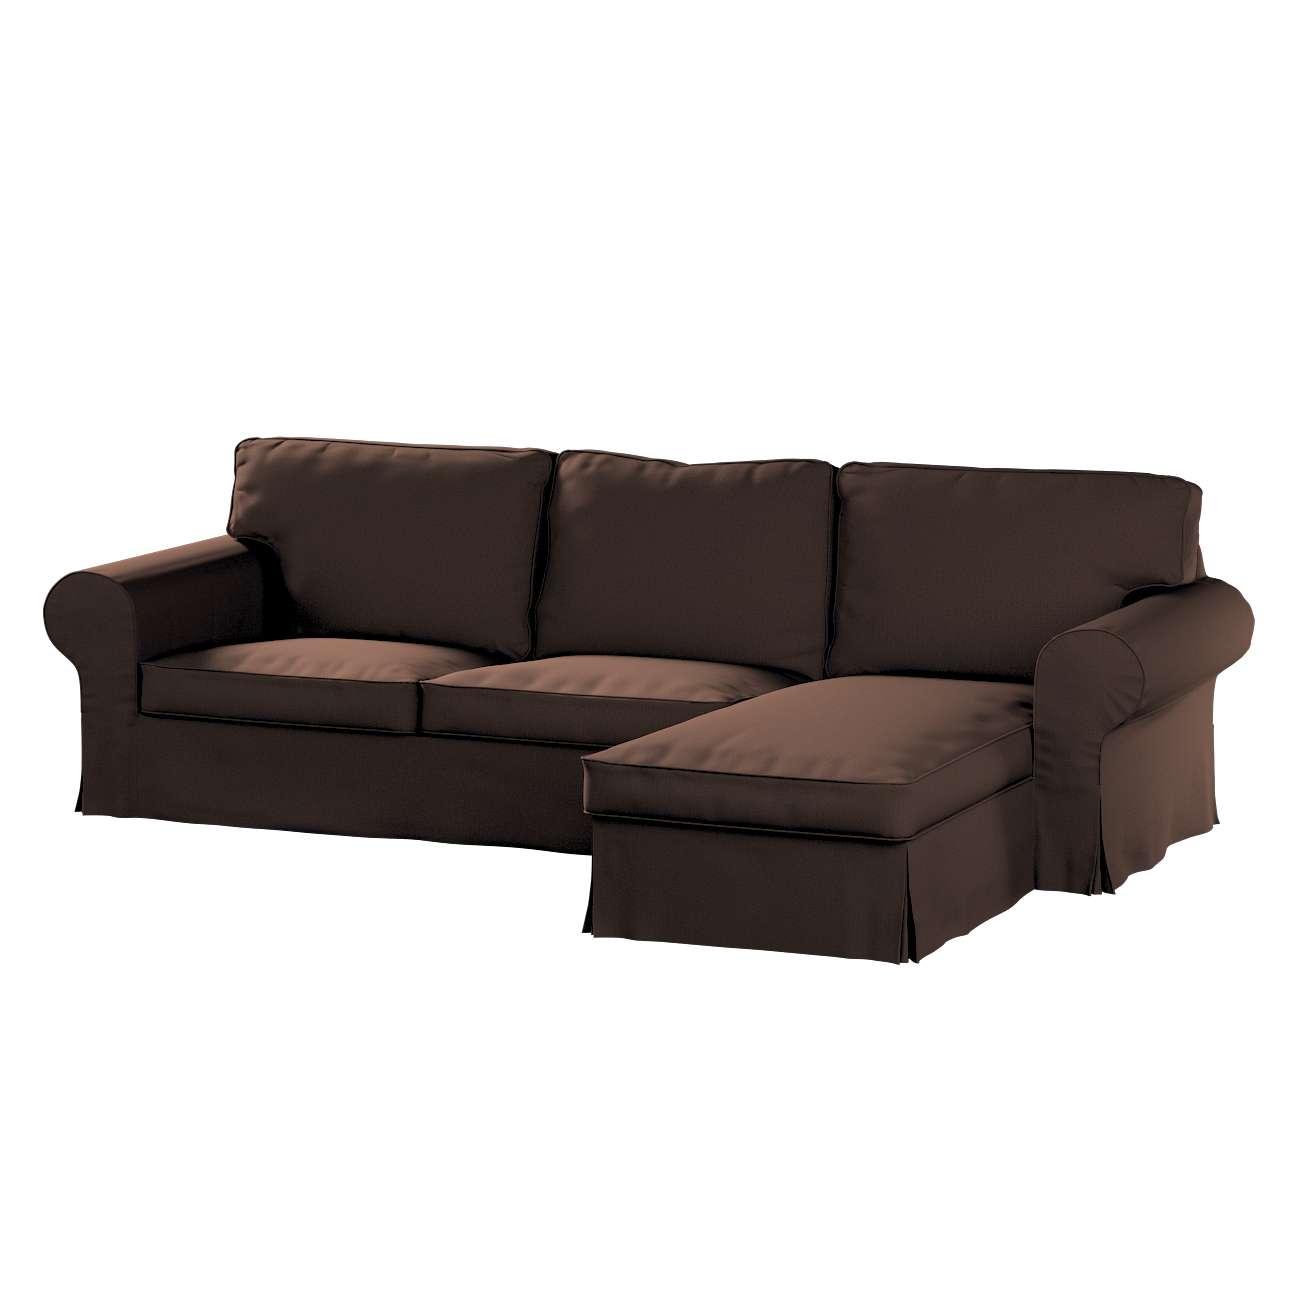 Pokrowiec na sofę Ektorp 2-osobową i leżankę w kolekcji Bergen, tkanina: 161-73